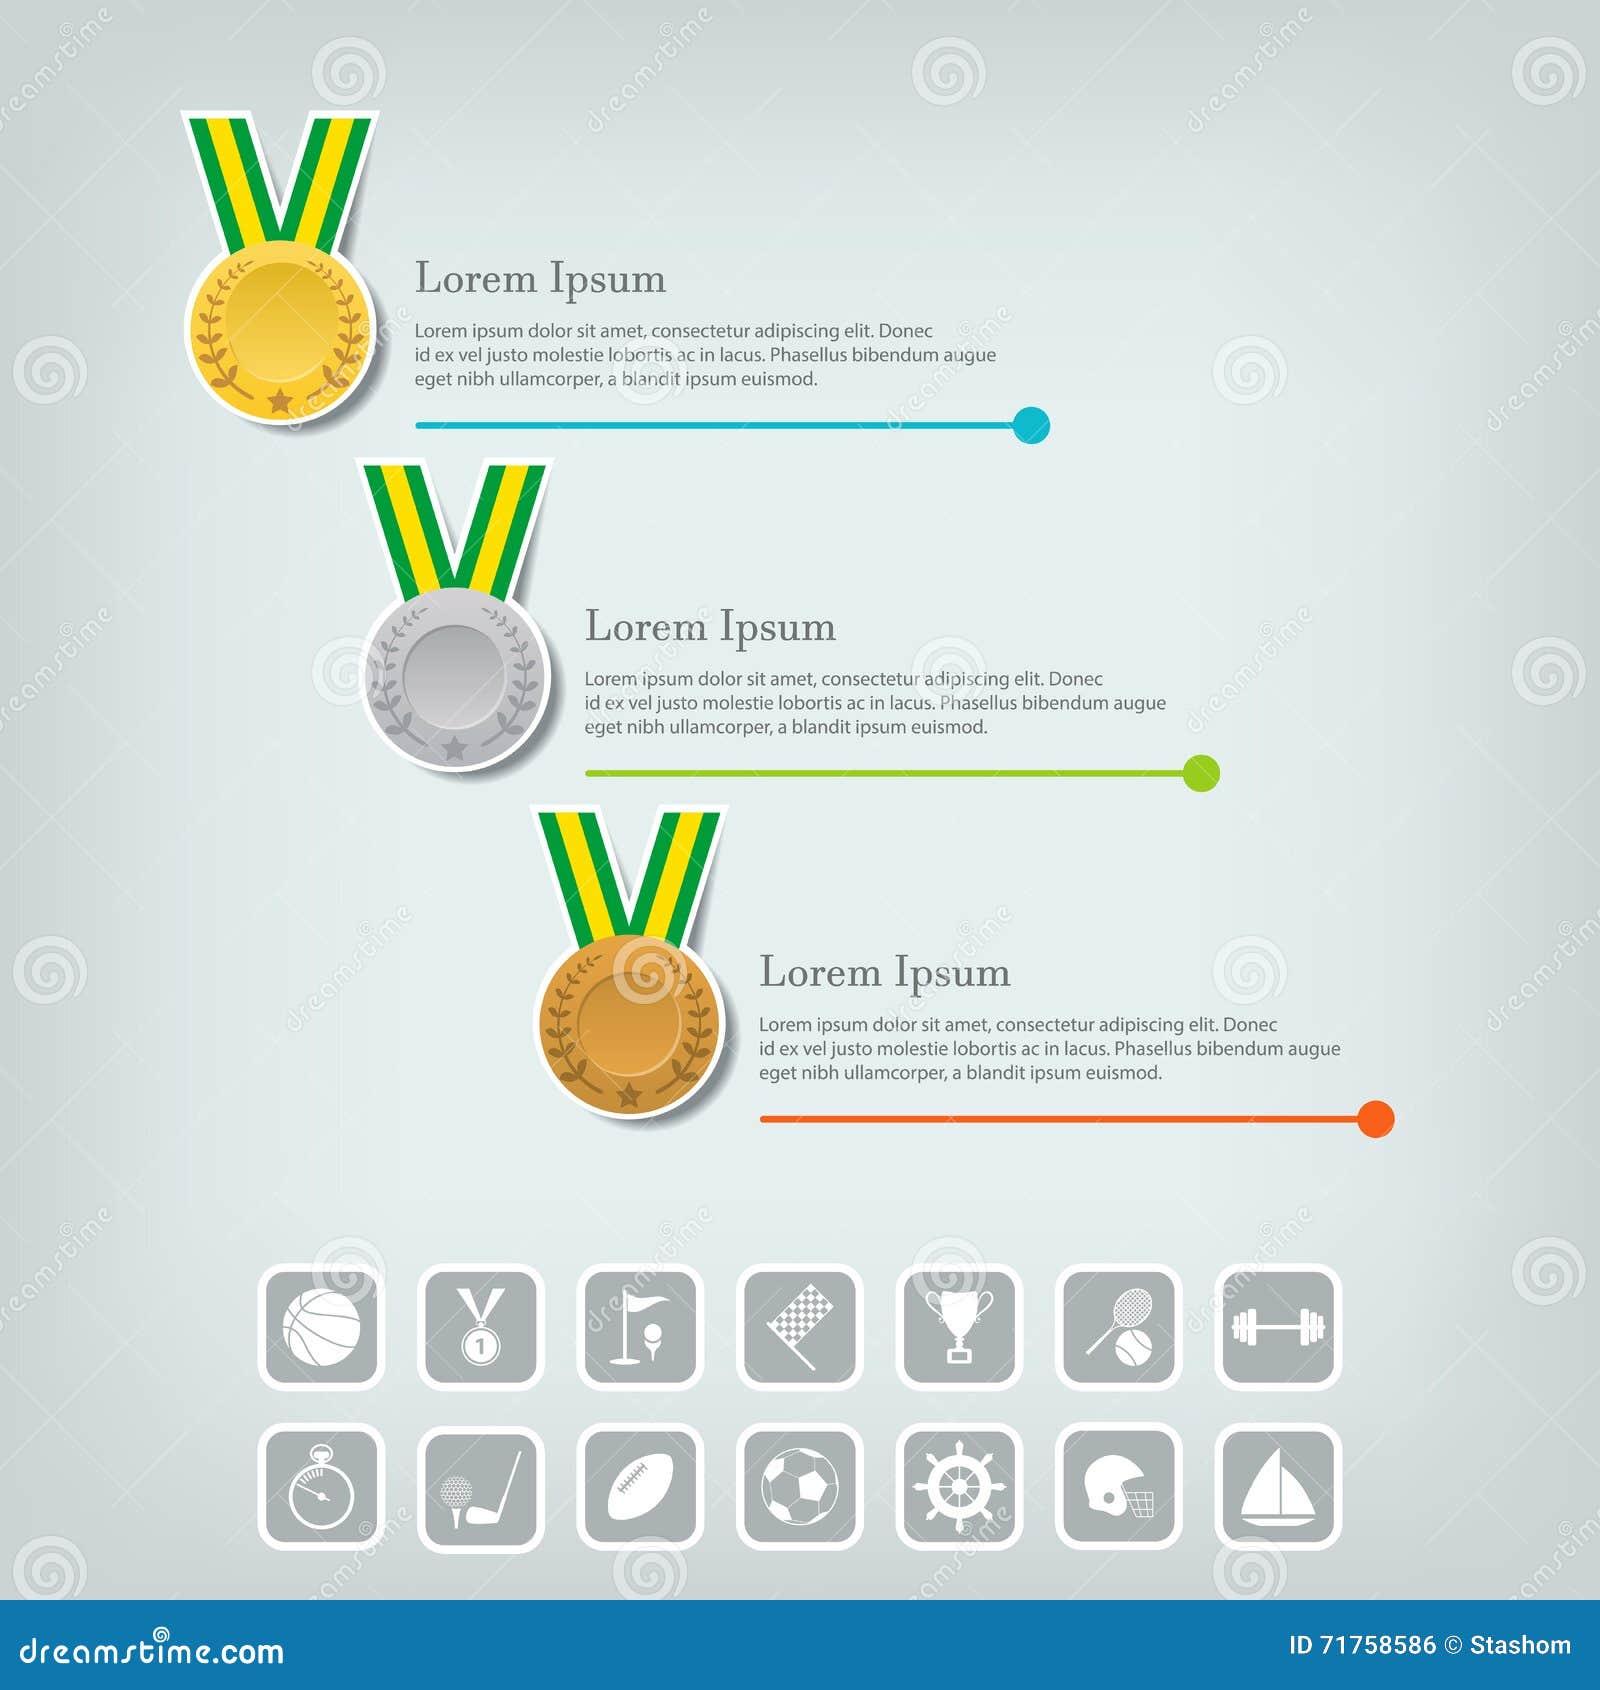 Έννοια αθλητικών μεταλλίων και βραβείων Εικονίδια πρωτοπόρων ή νικητών Αθλητισμός Infographic με τα εικονίδια